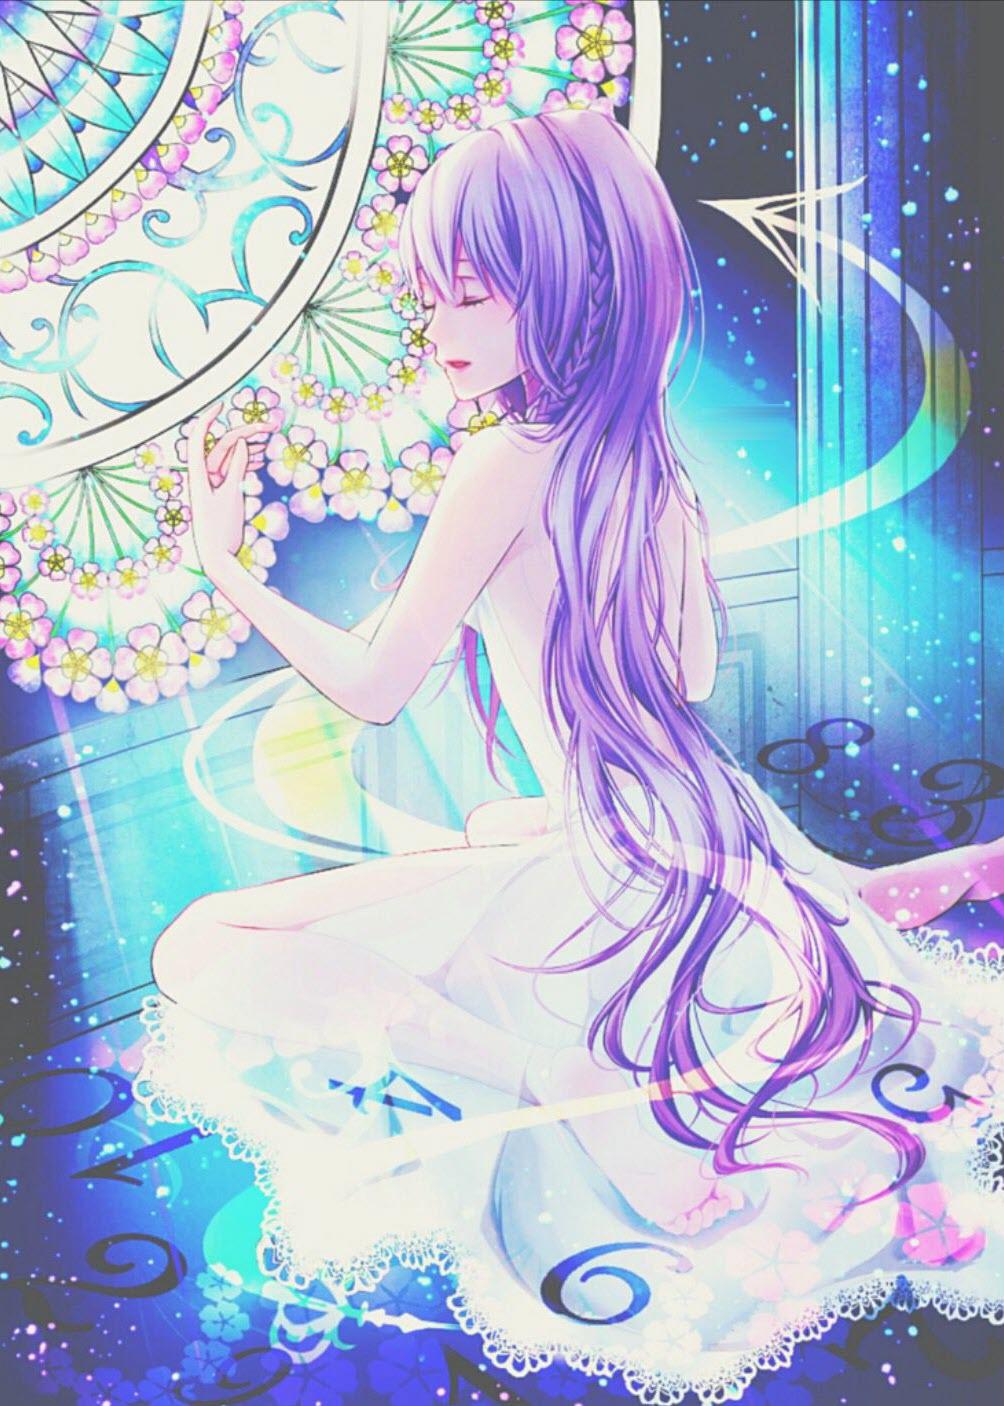 Ảnh anime tóc tím đẹp, quyến rũ